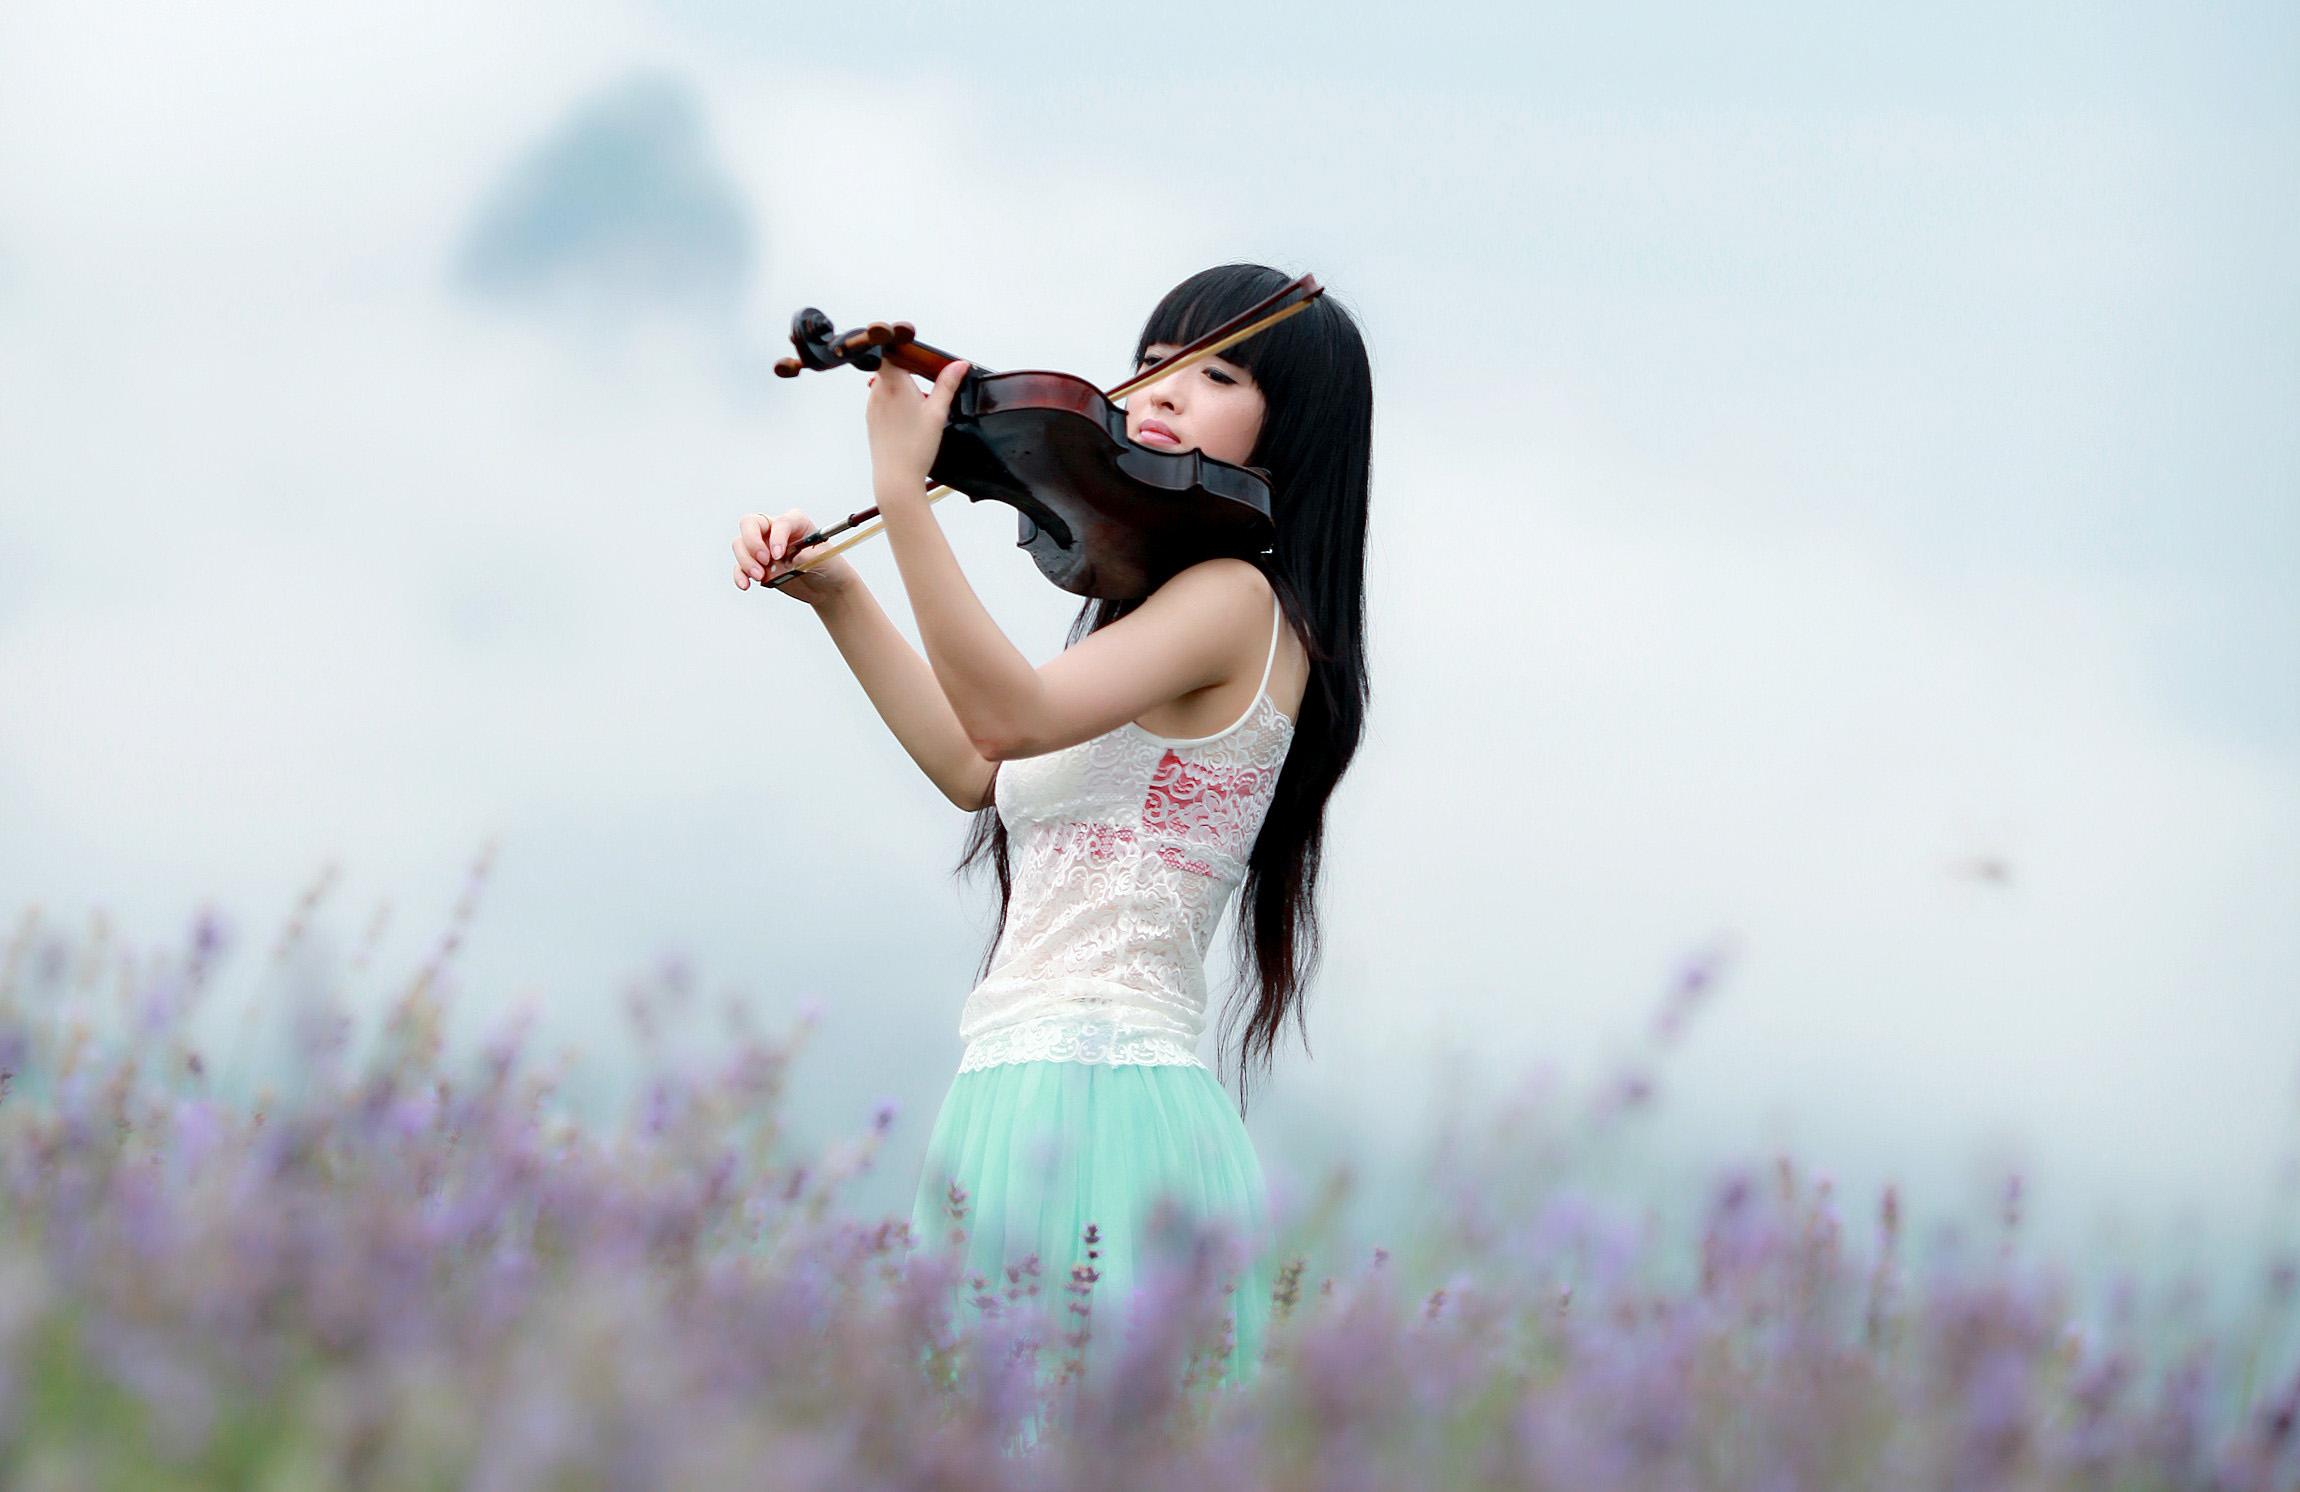 转编:小提琴曲——《五月的回忆》(音画图文) - 文匪 - 文匪的博客